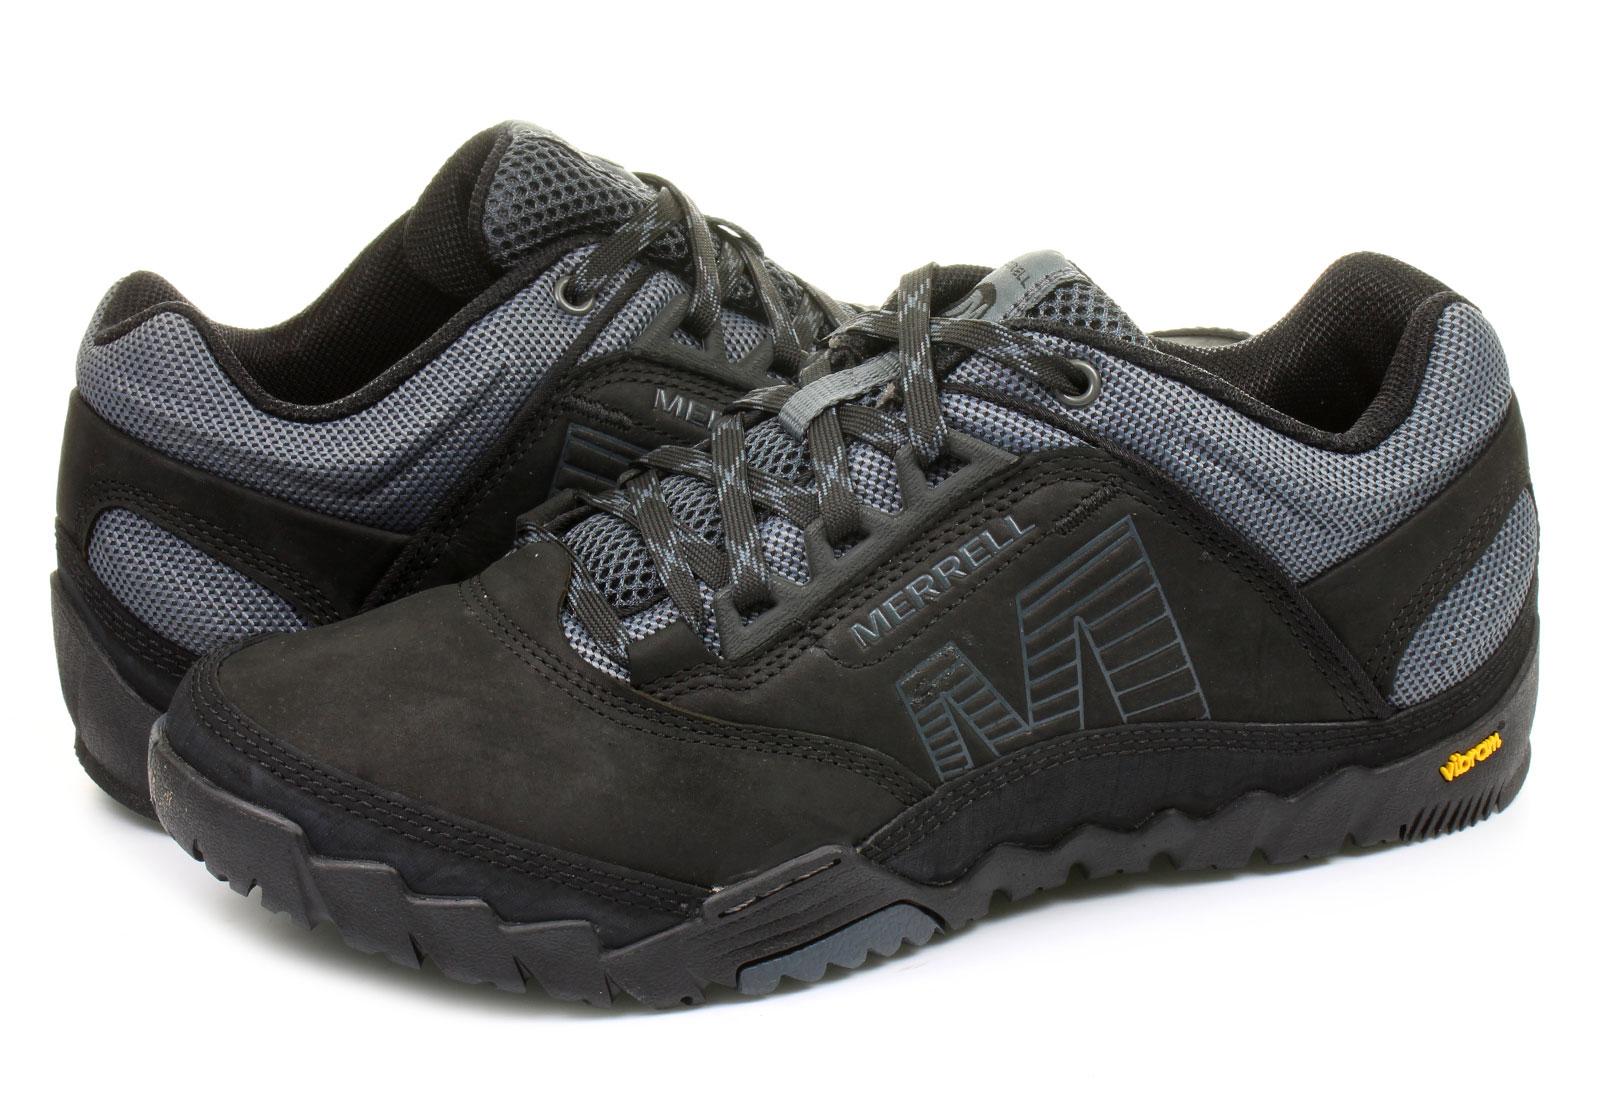 Merrell Cipő - Annex - J21191-blk - Office Shoes Magyarország 6961b42c04